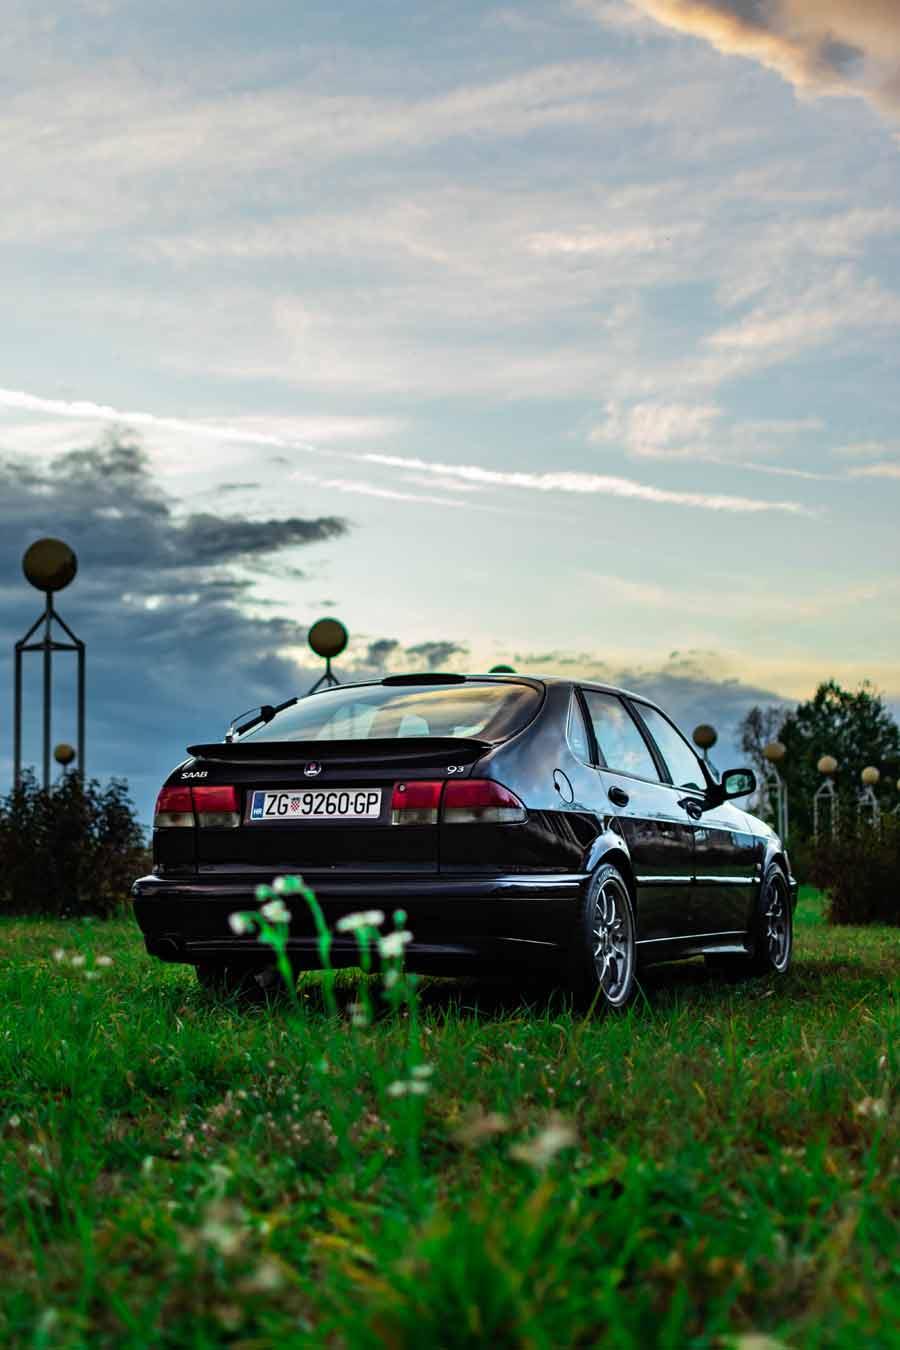 Saab 9-3 old generation